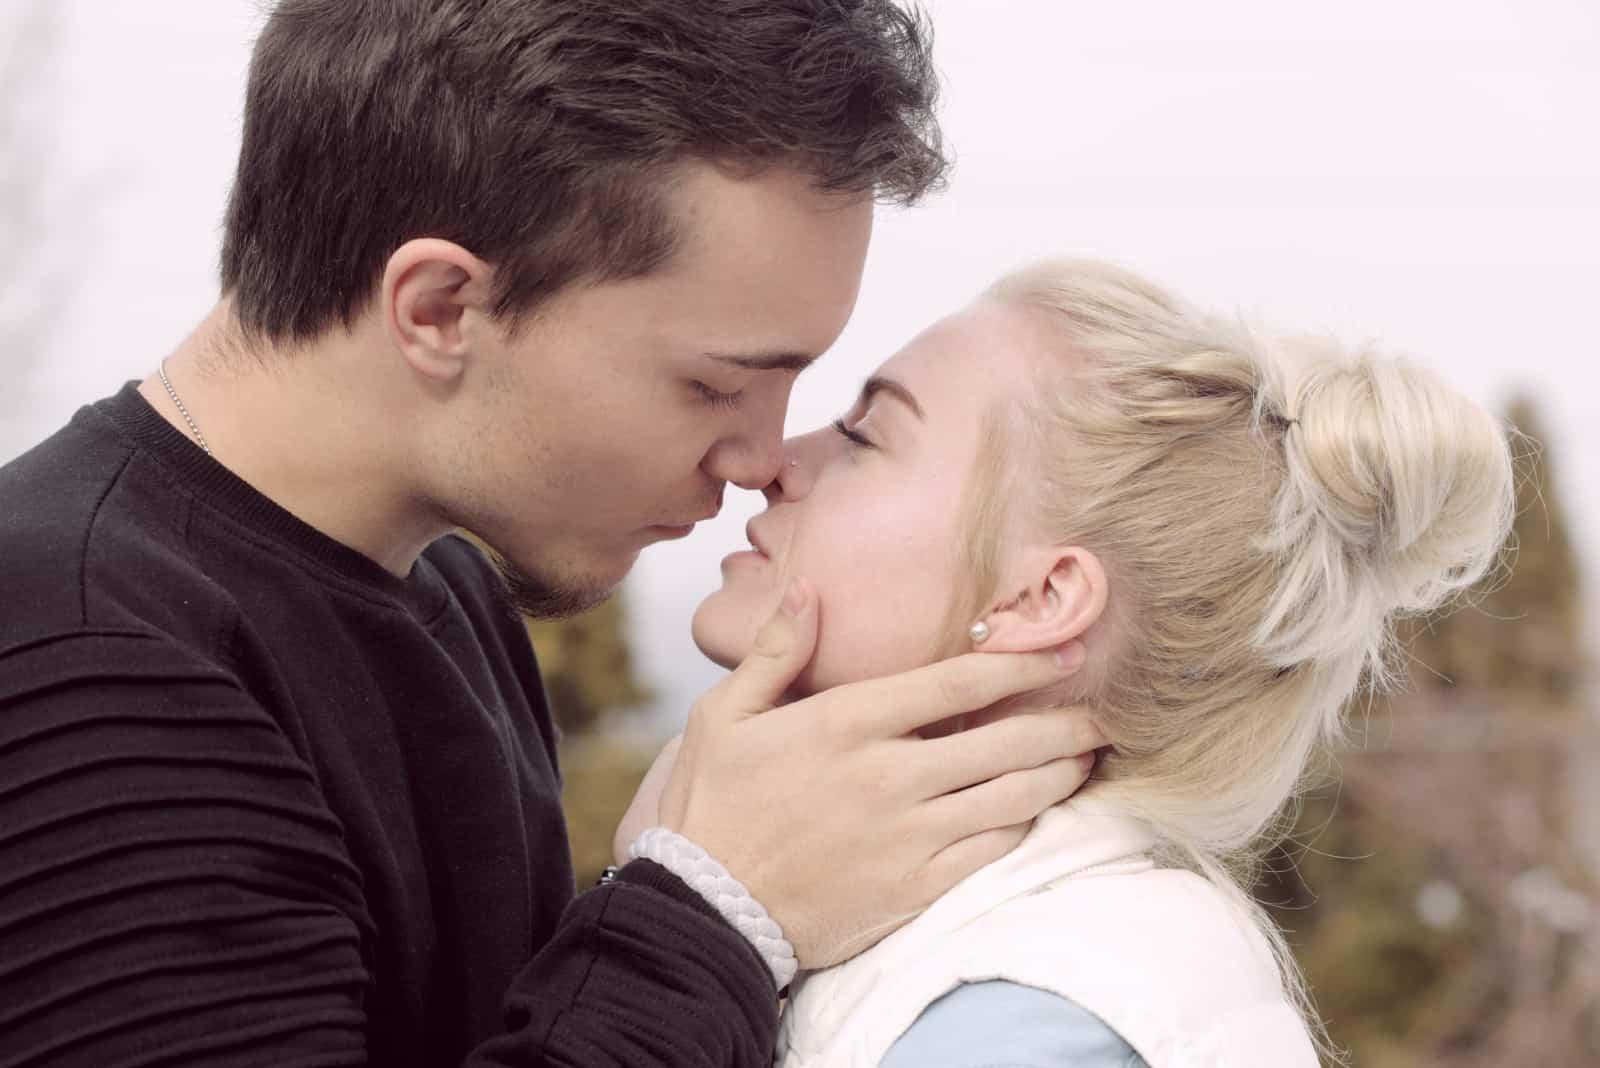 homme et femme sur le point de s'embrasser en plein air